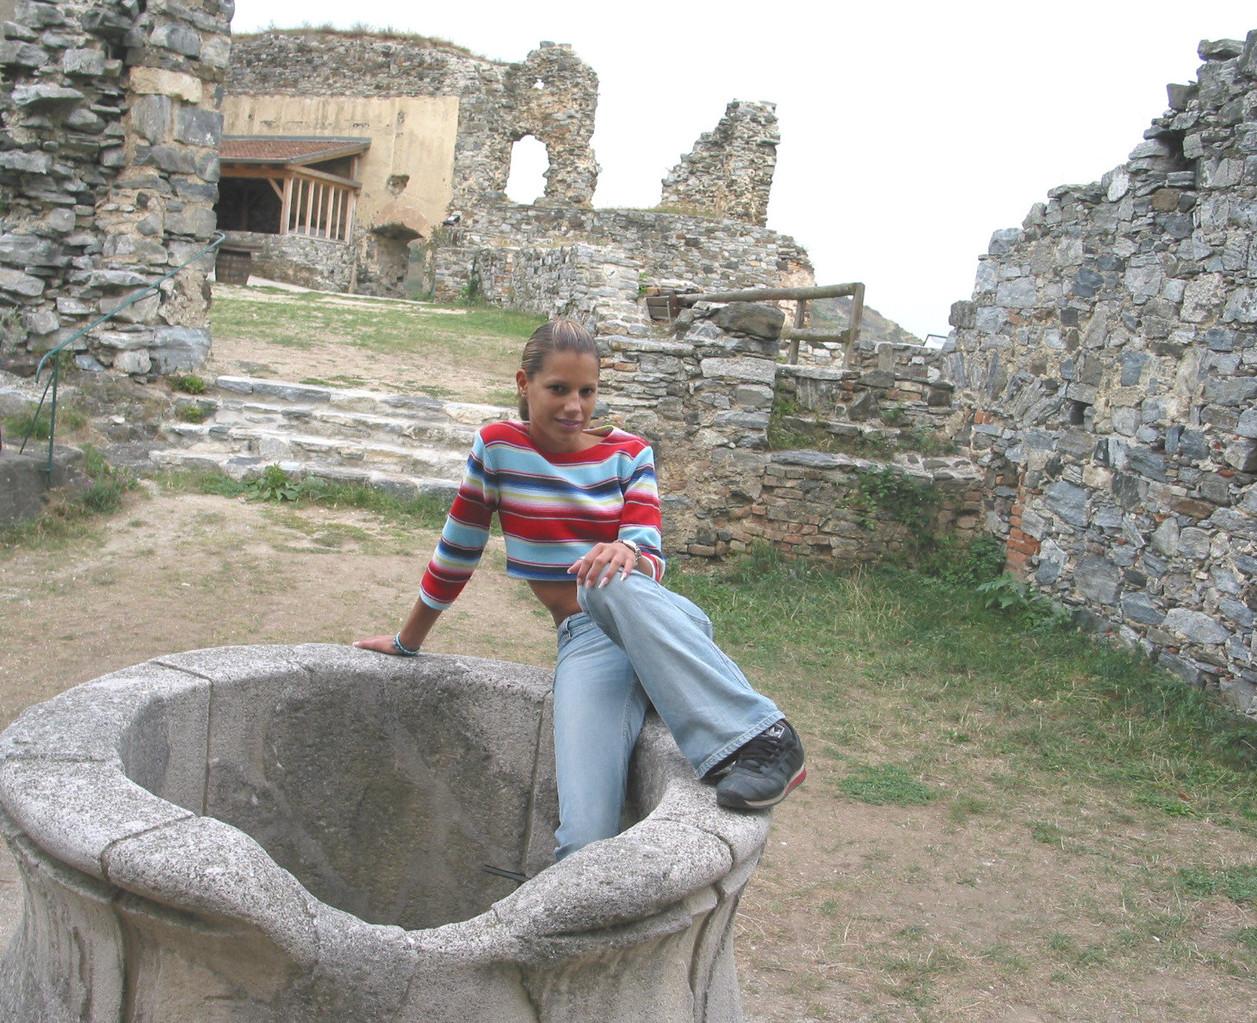 Auf der  Ruine Senftenberg entdeckte man den Schöpfschacht einer Sickerzisterne...